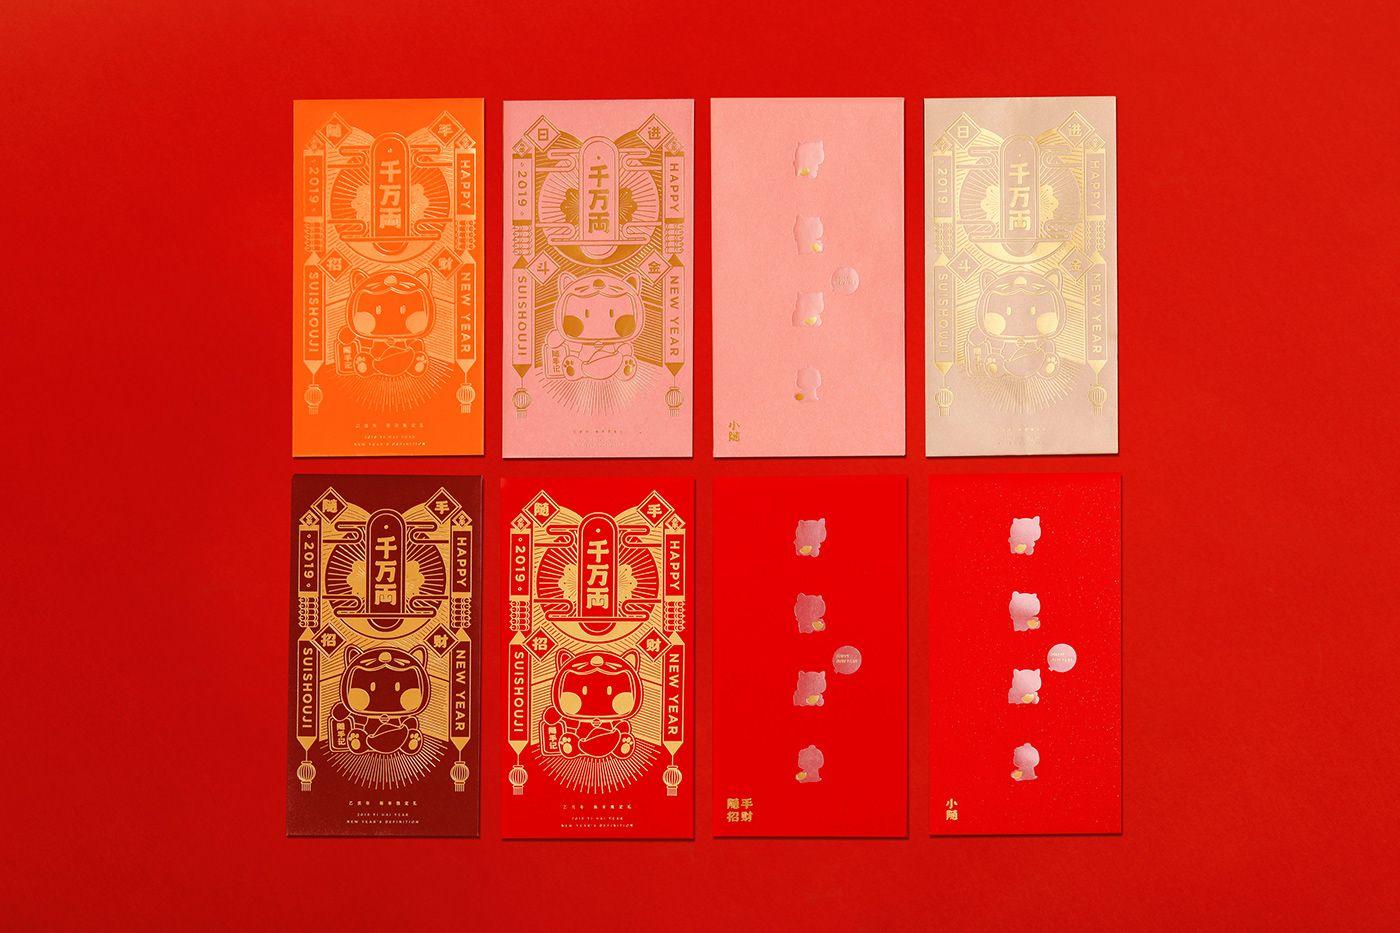 随手记新年礼 / Chinese New Year Gift Set of SUI 2019 on Behance